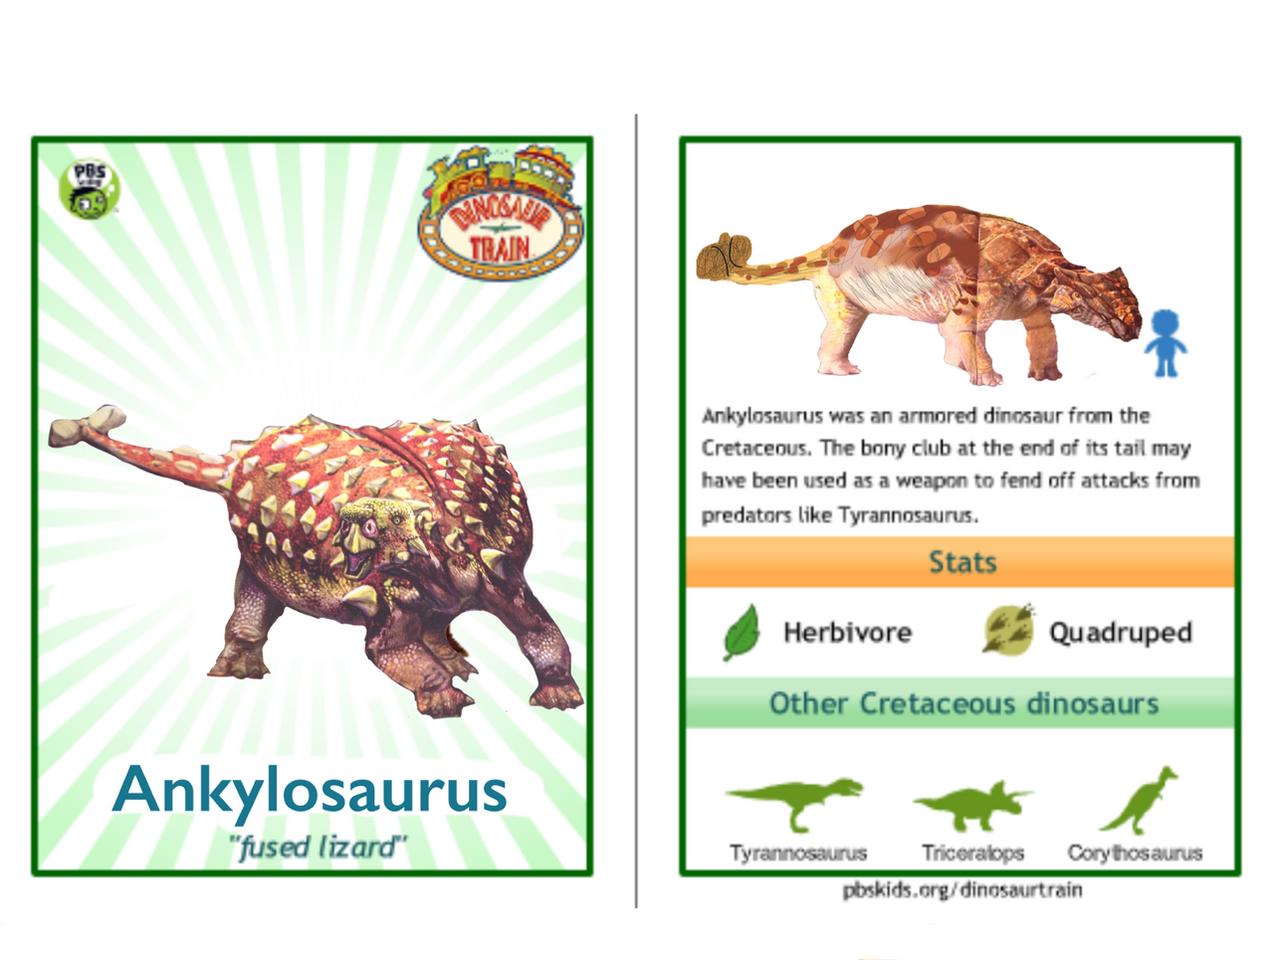 dinosaur train ankylosaurus - photo #4